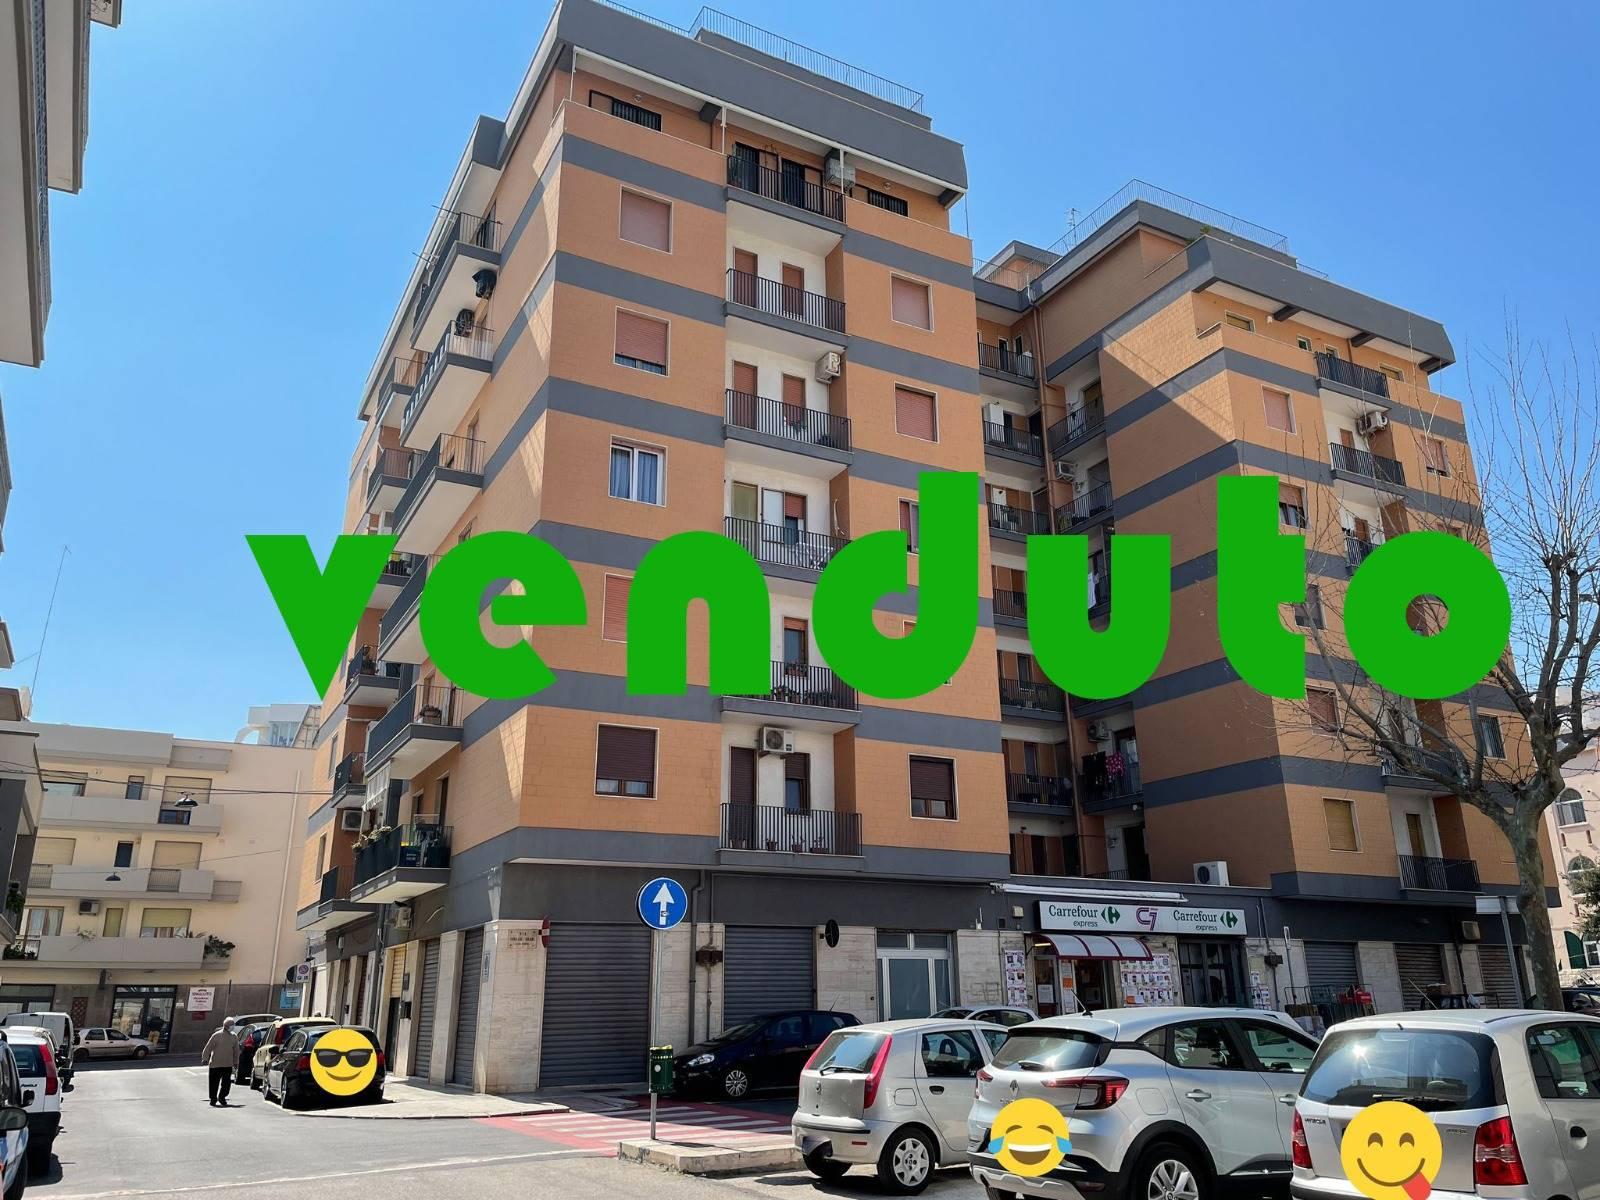 Appartamento in vendita a Monopoli, 3 locali, prezzo € 195.000 | PortaleAgenzieImmobiliari.it